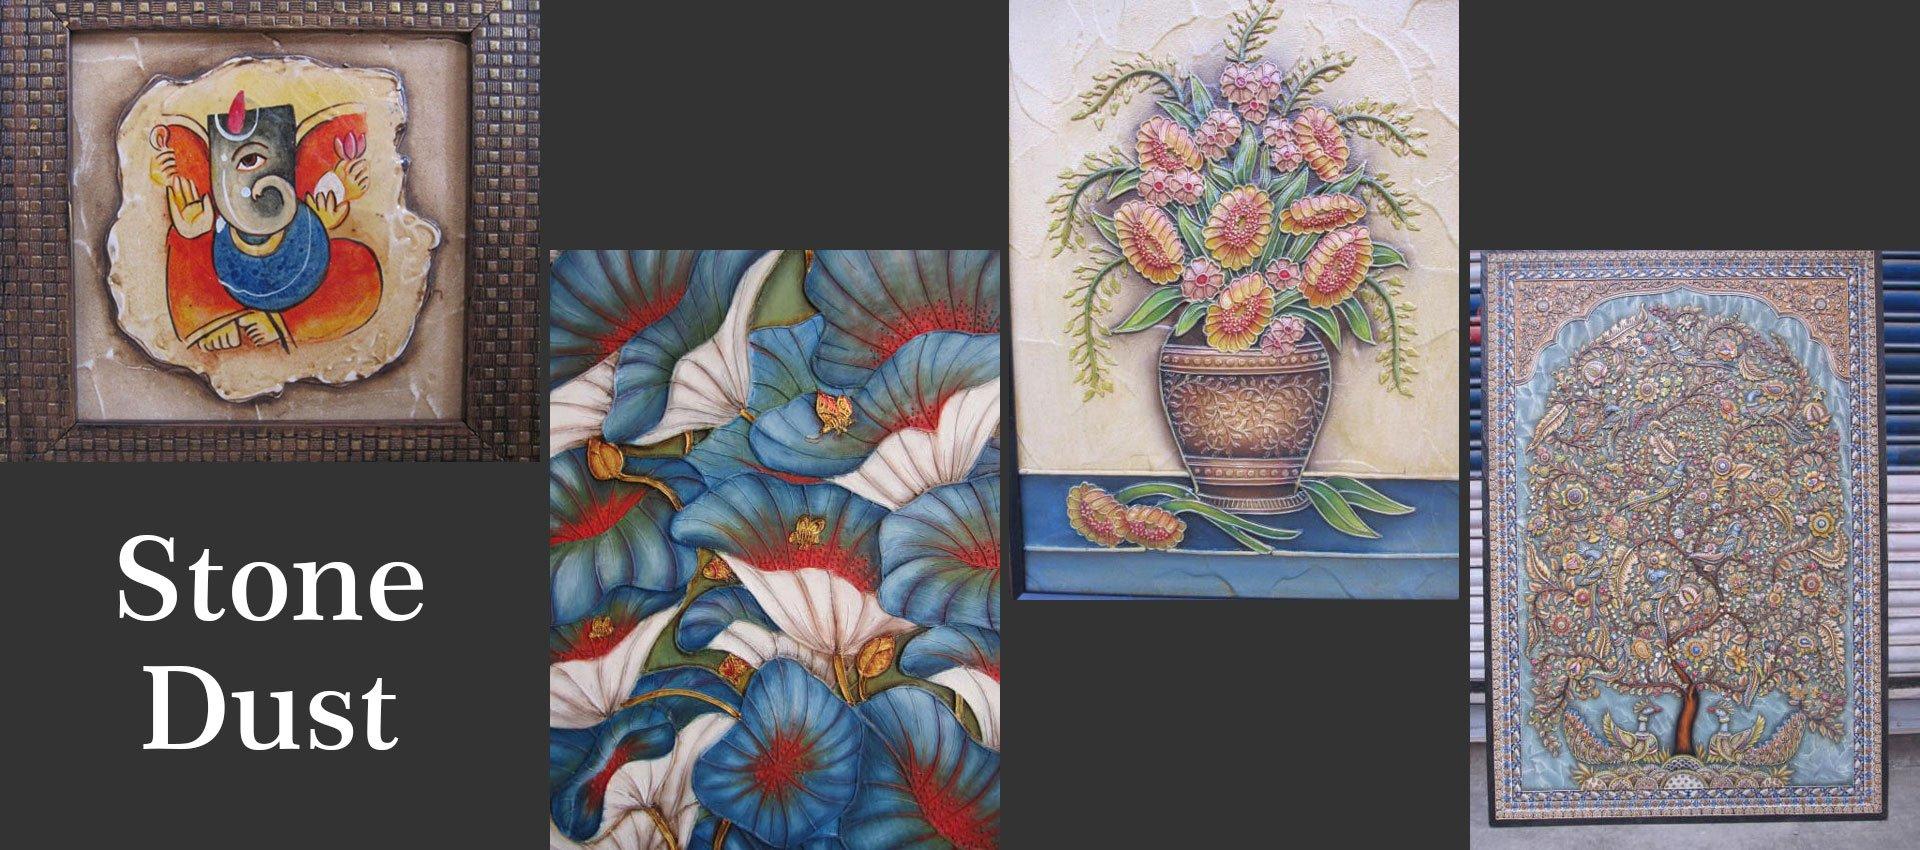 Sneh Gangal paintings